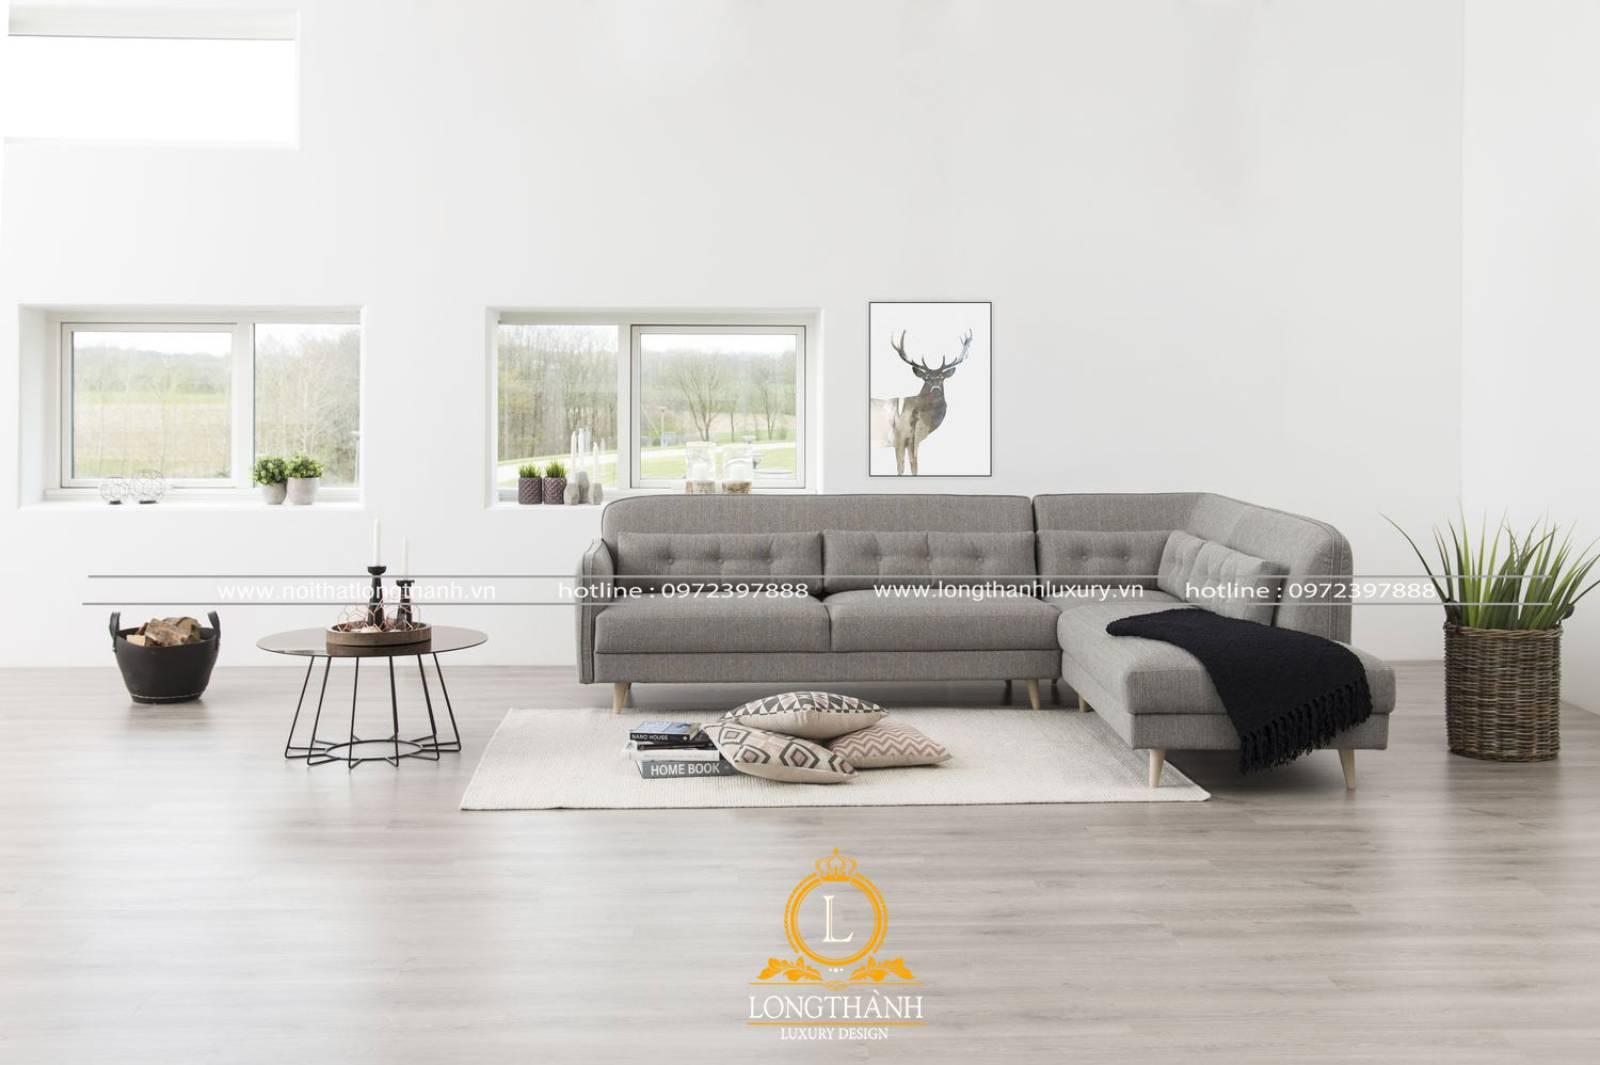 Bộ ghế sofa chữ l làm từ vải và gỗ công nghiệp